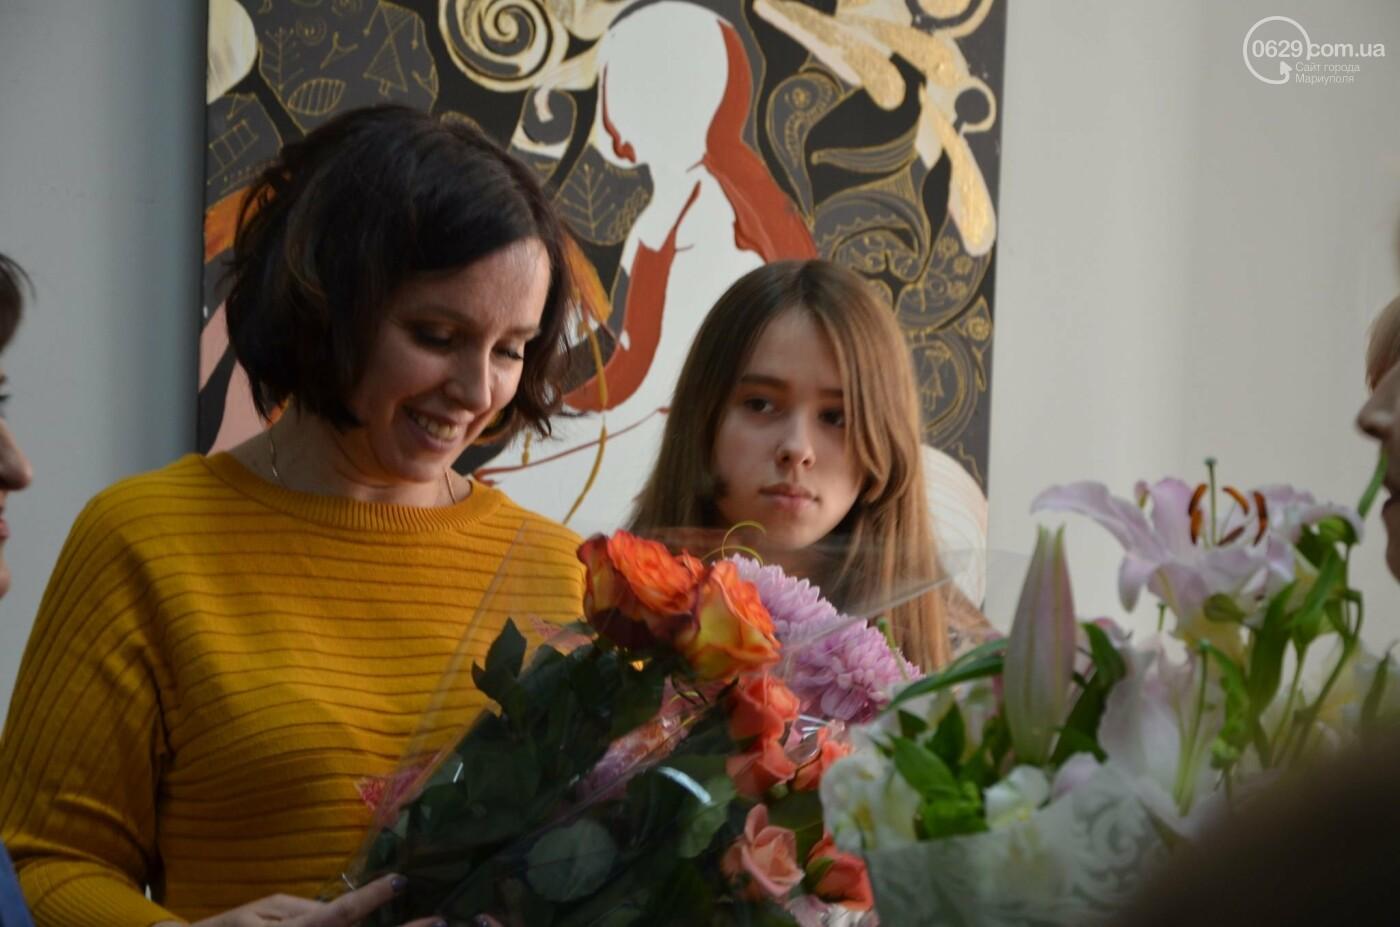 Золото на черном. Мариупольская  художница  Оксана Гнатышин  представила картины в авангардном стиле,-   ФОТО, фото-1